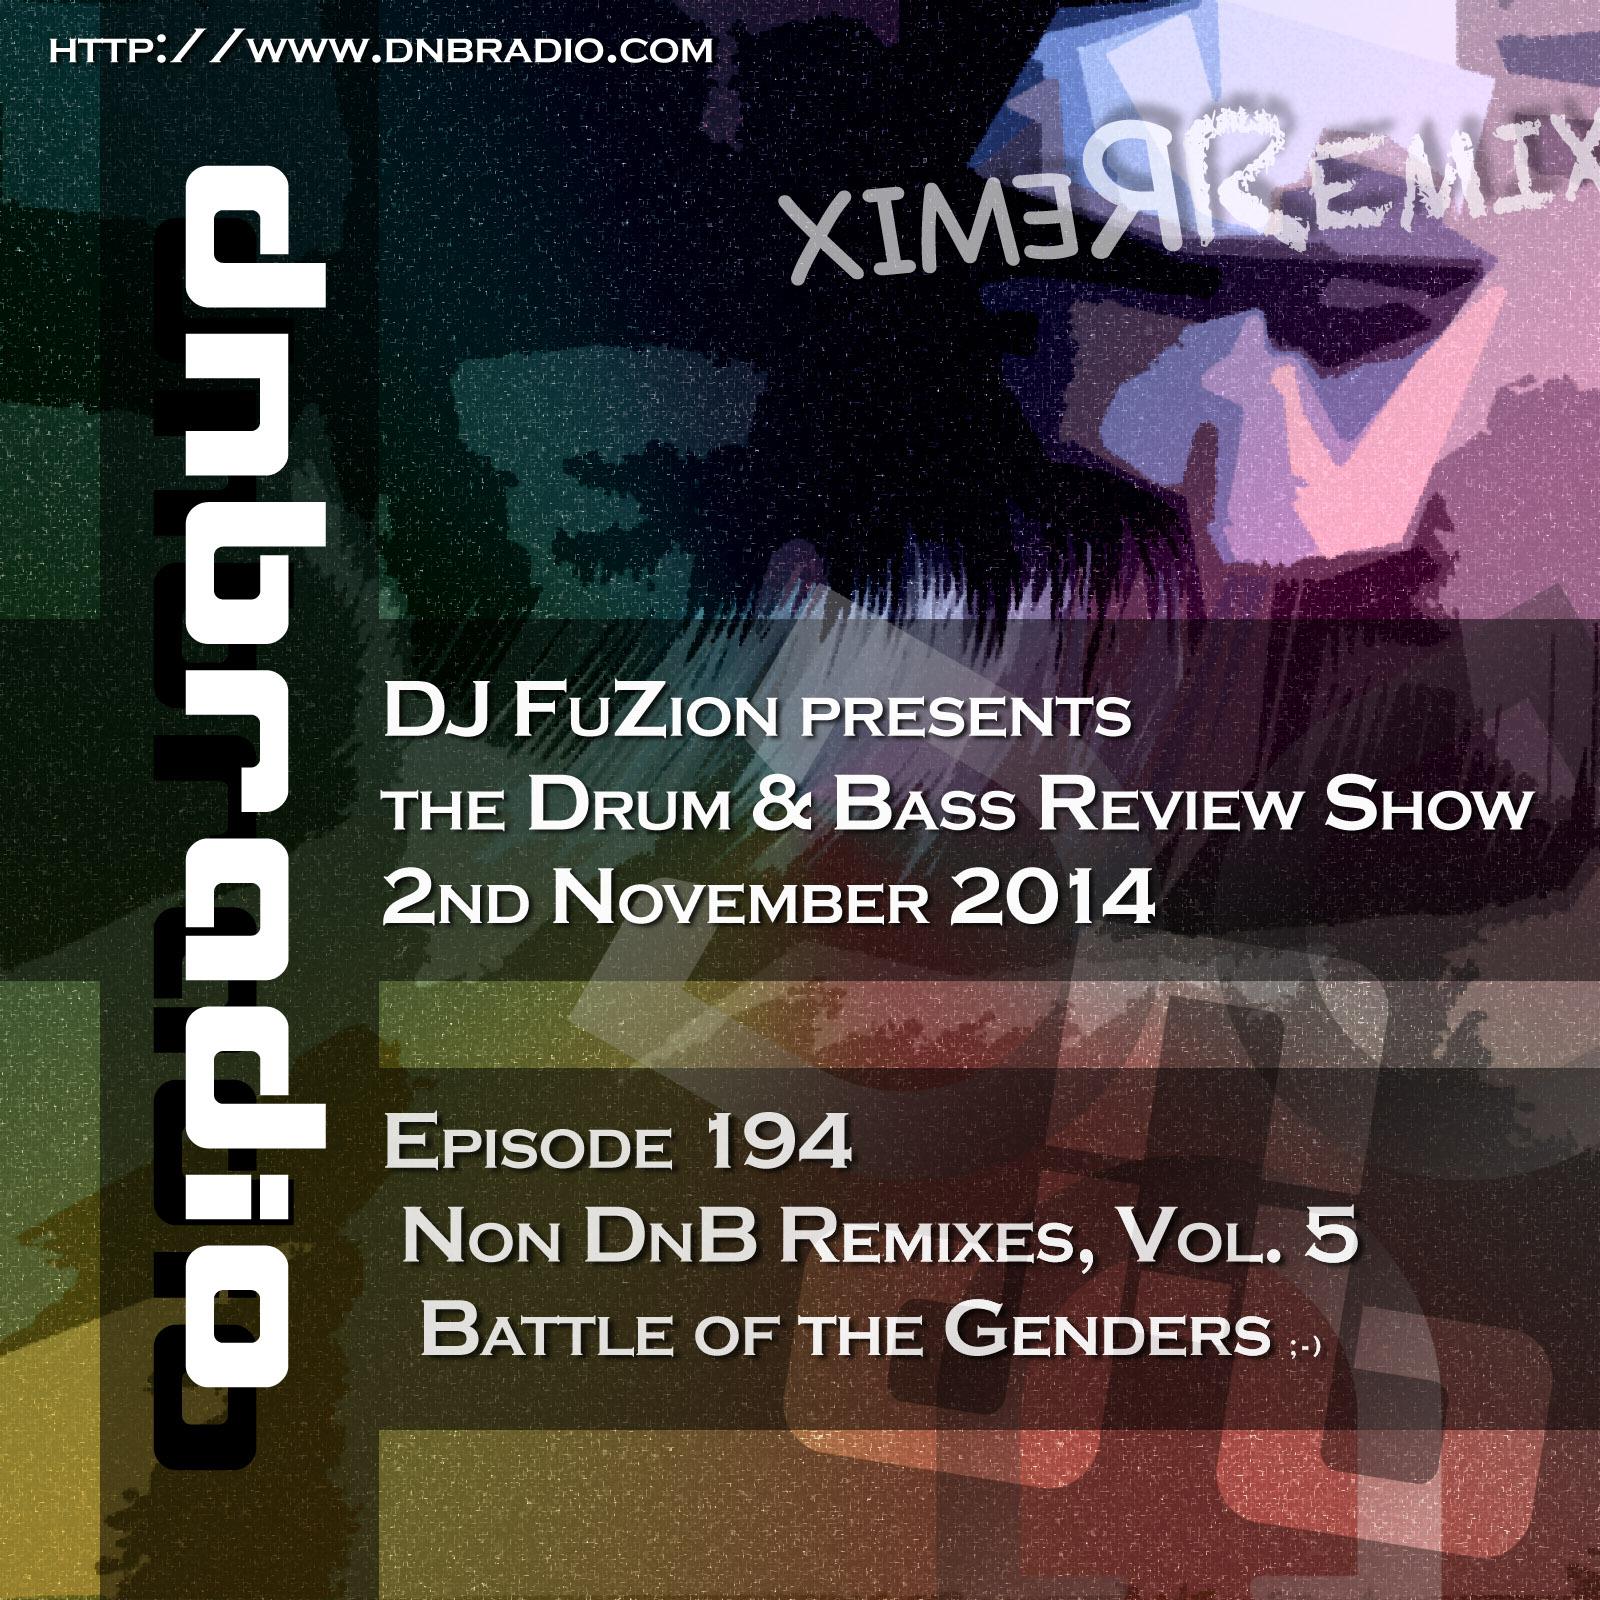 DJ FuZion - Ep  194 Non DnB Remixes, Vol  5 Nov 02 2014 via